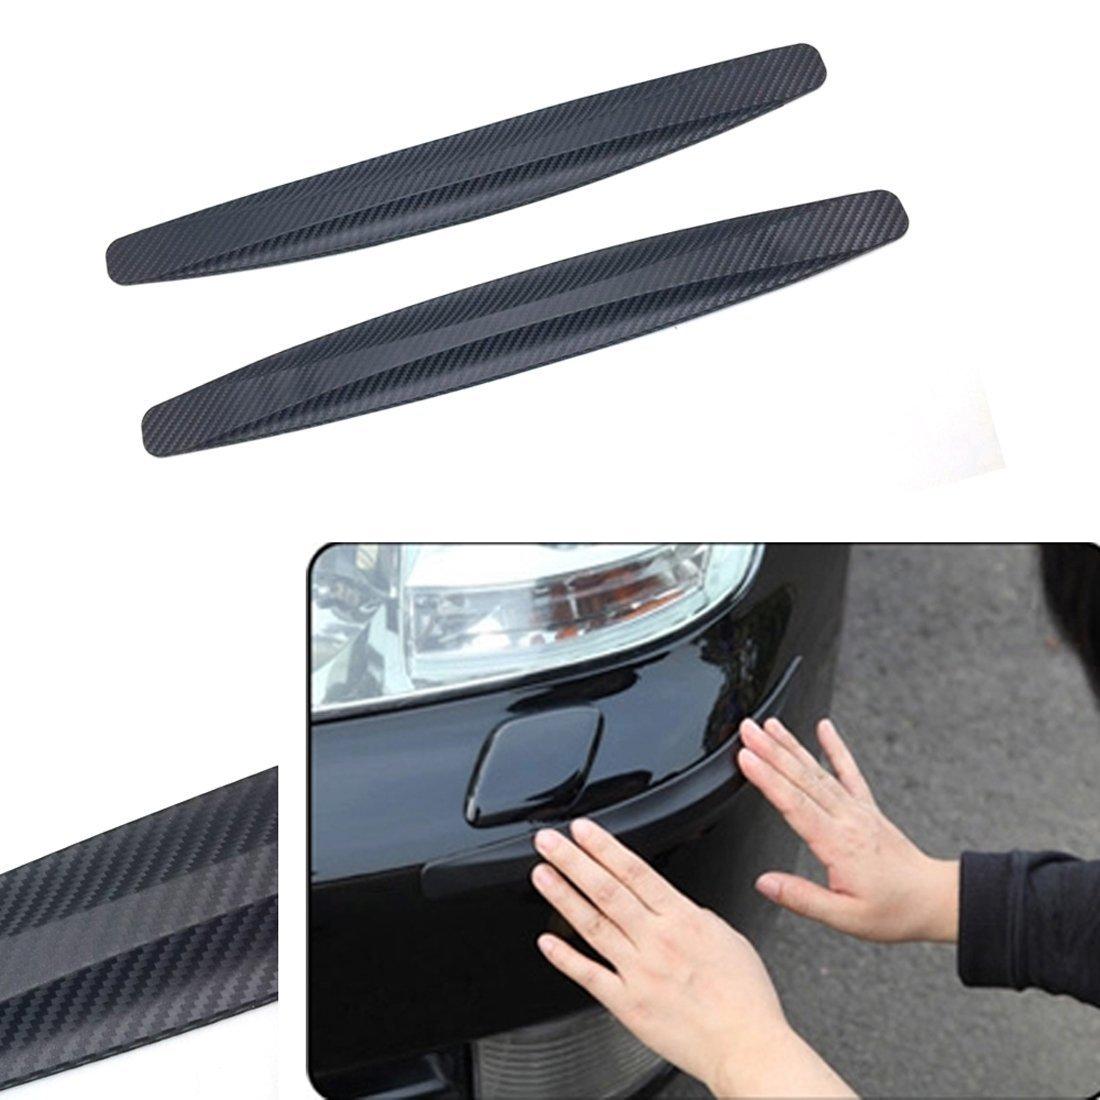 ICTRONIX Paar Auto Vorne Hintere Stoß stange Schutz Streifen Abdeckung anti kratzer flexibel